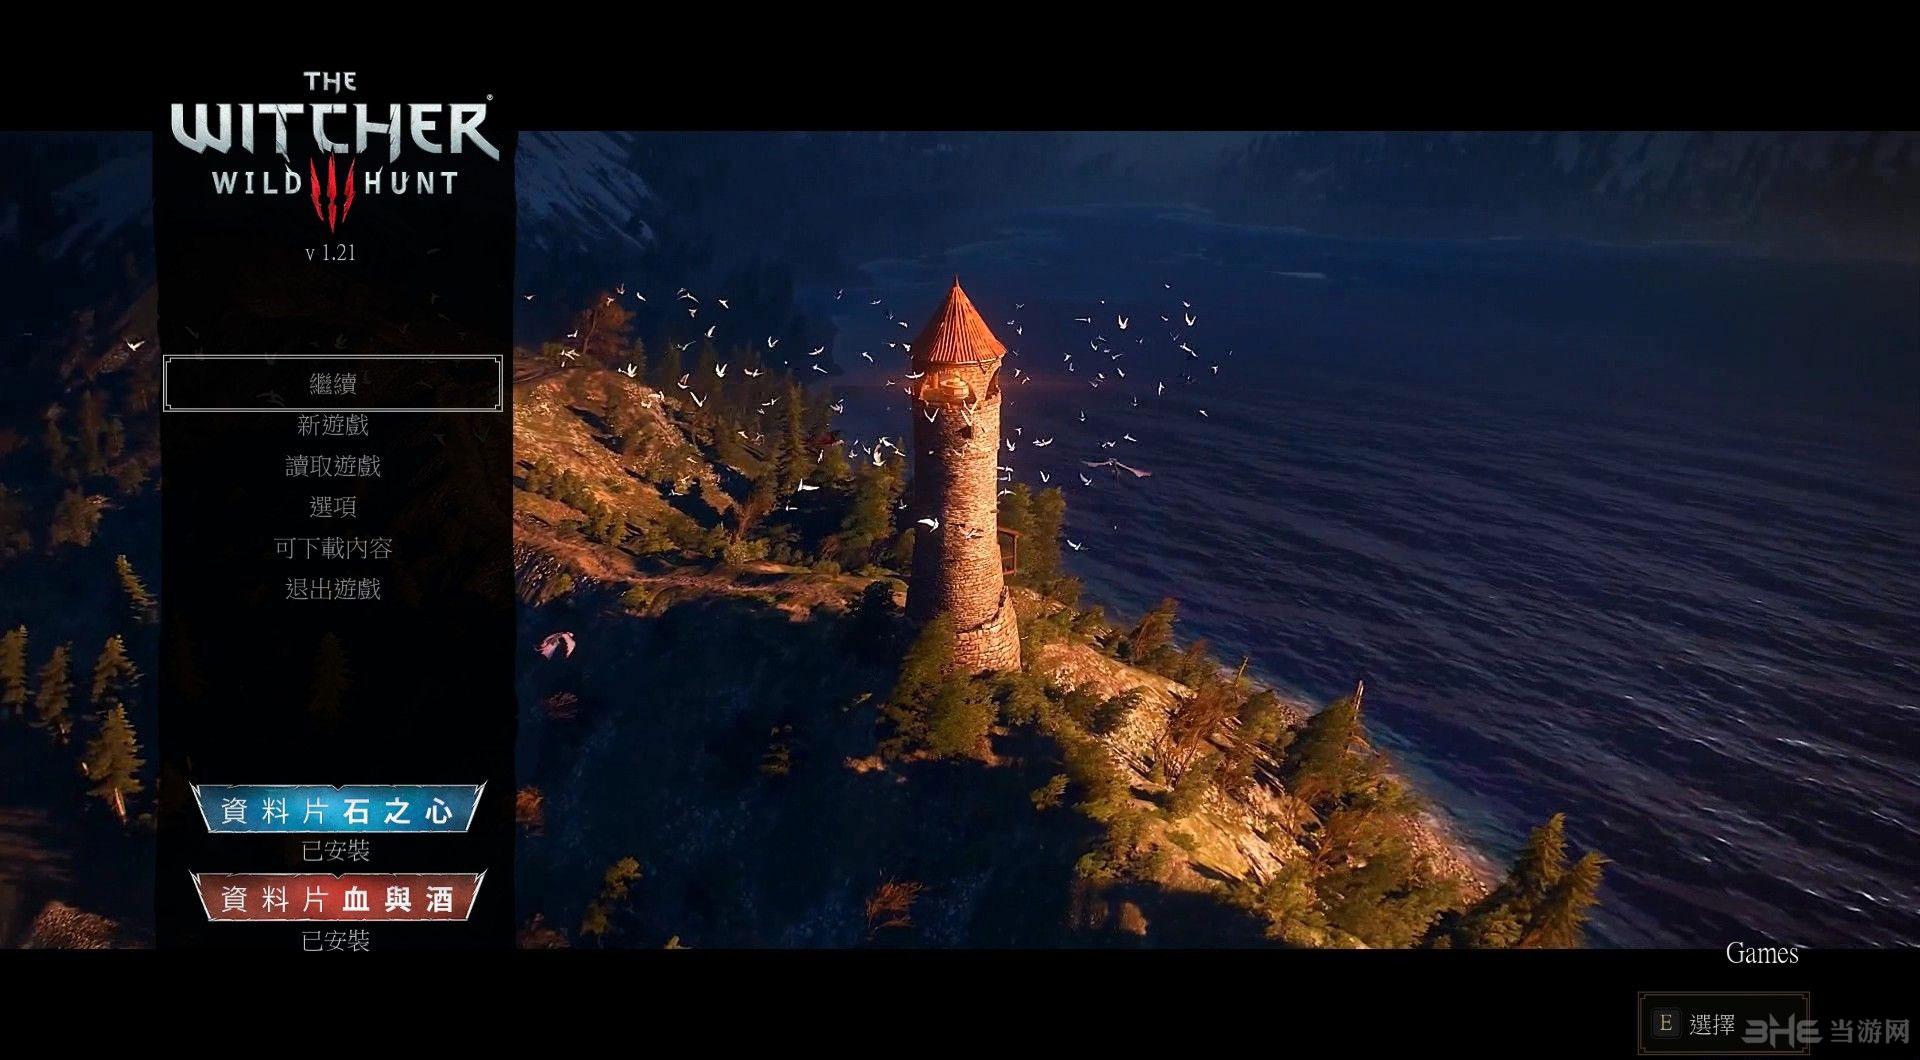 巫师3:狂猎主菜单震撼CG MOD截图2